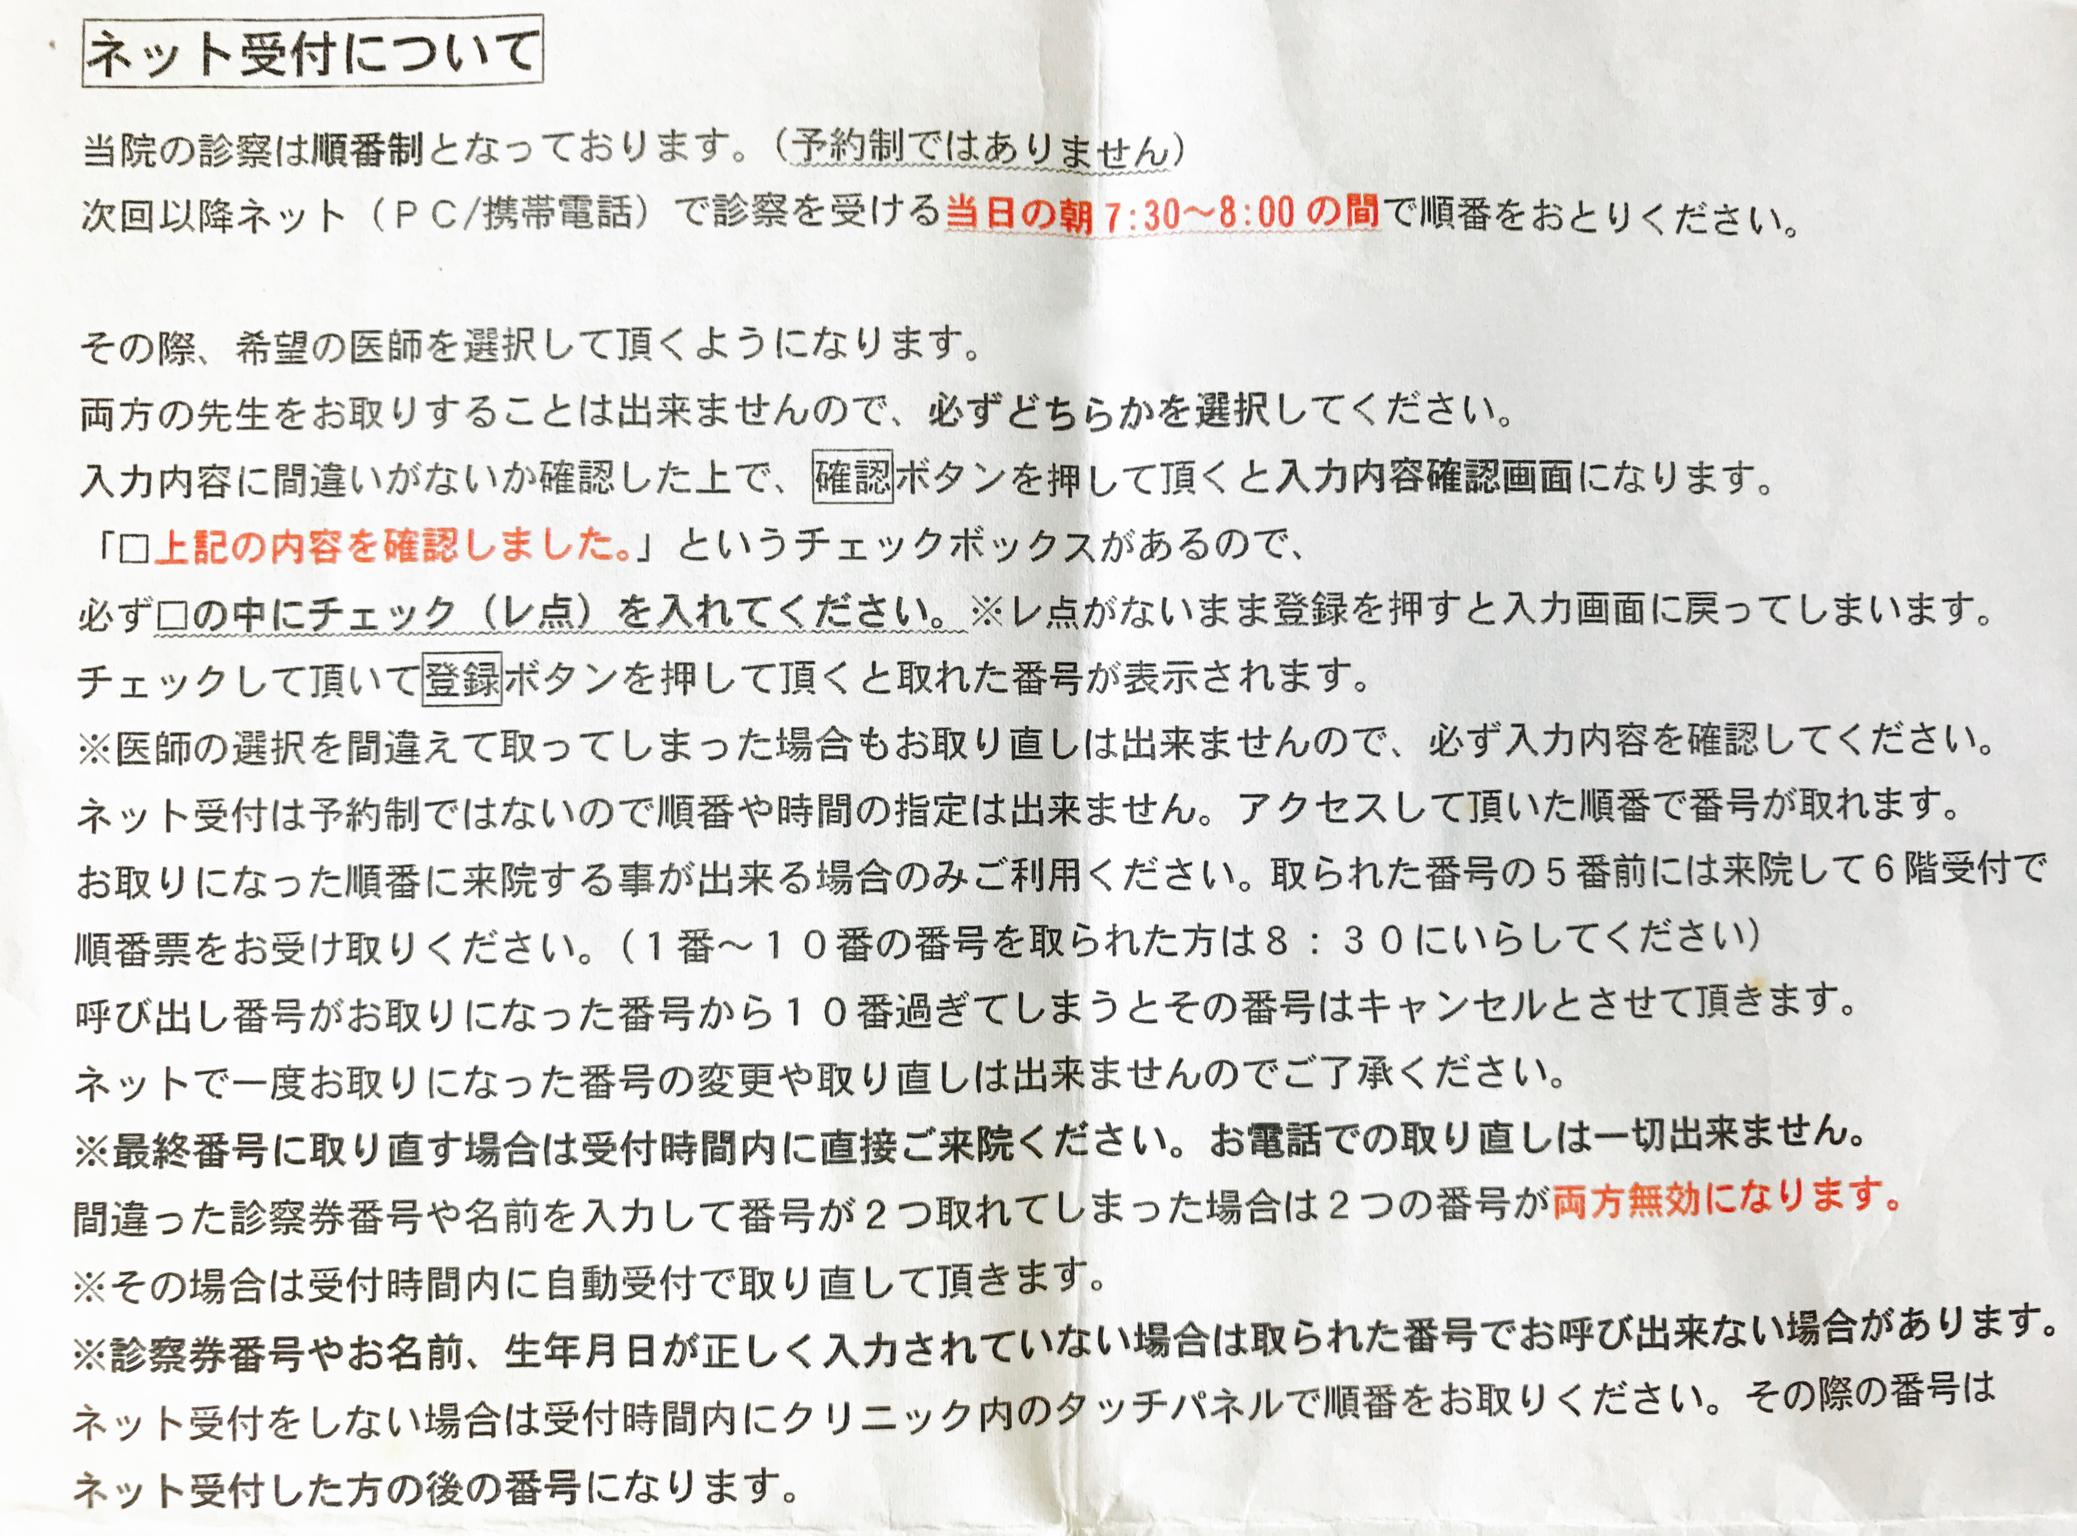 KLC再診専用ネット予約説明書